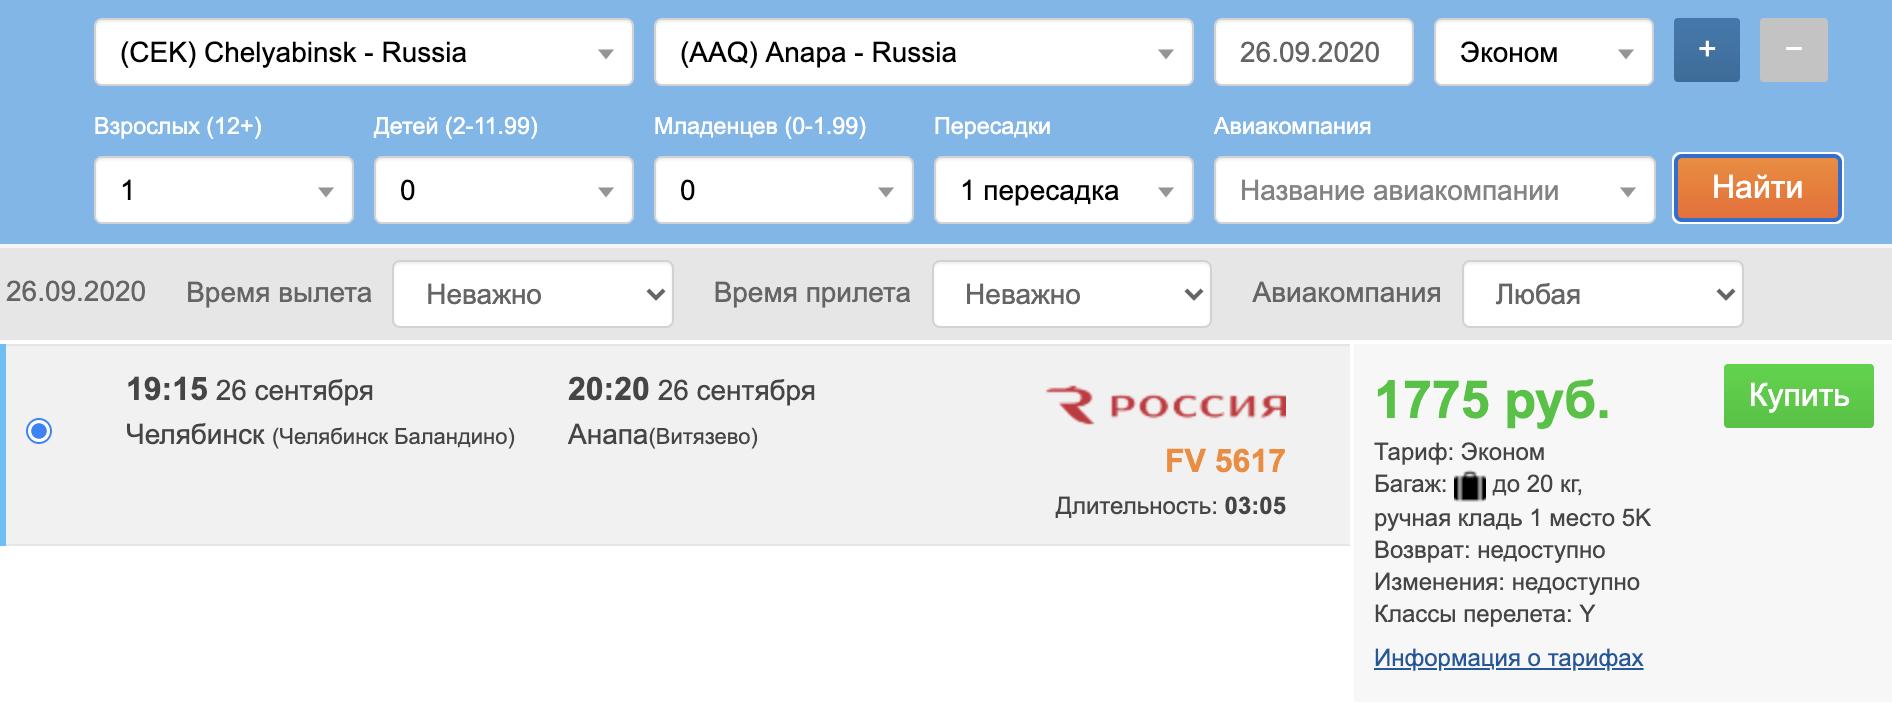 Успей на море! Горящие чартеры в Анапу из Москвы, СПб и регионов от 1300₽ в одну сторону